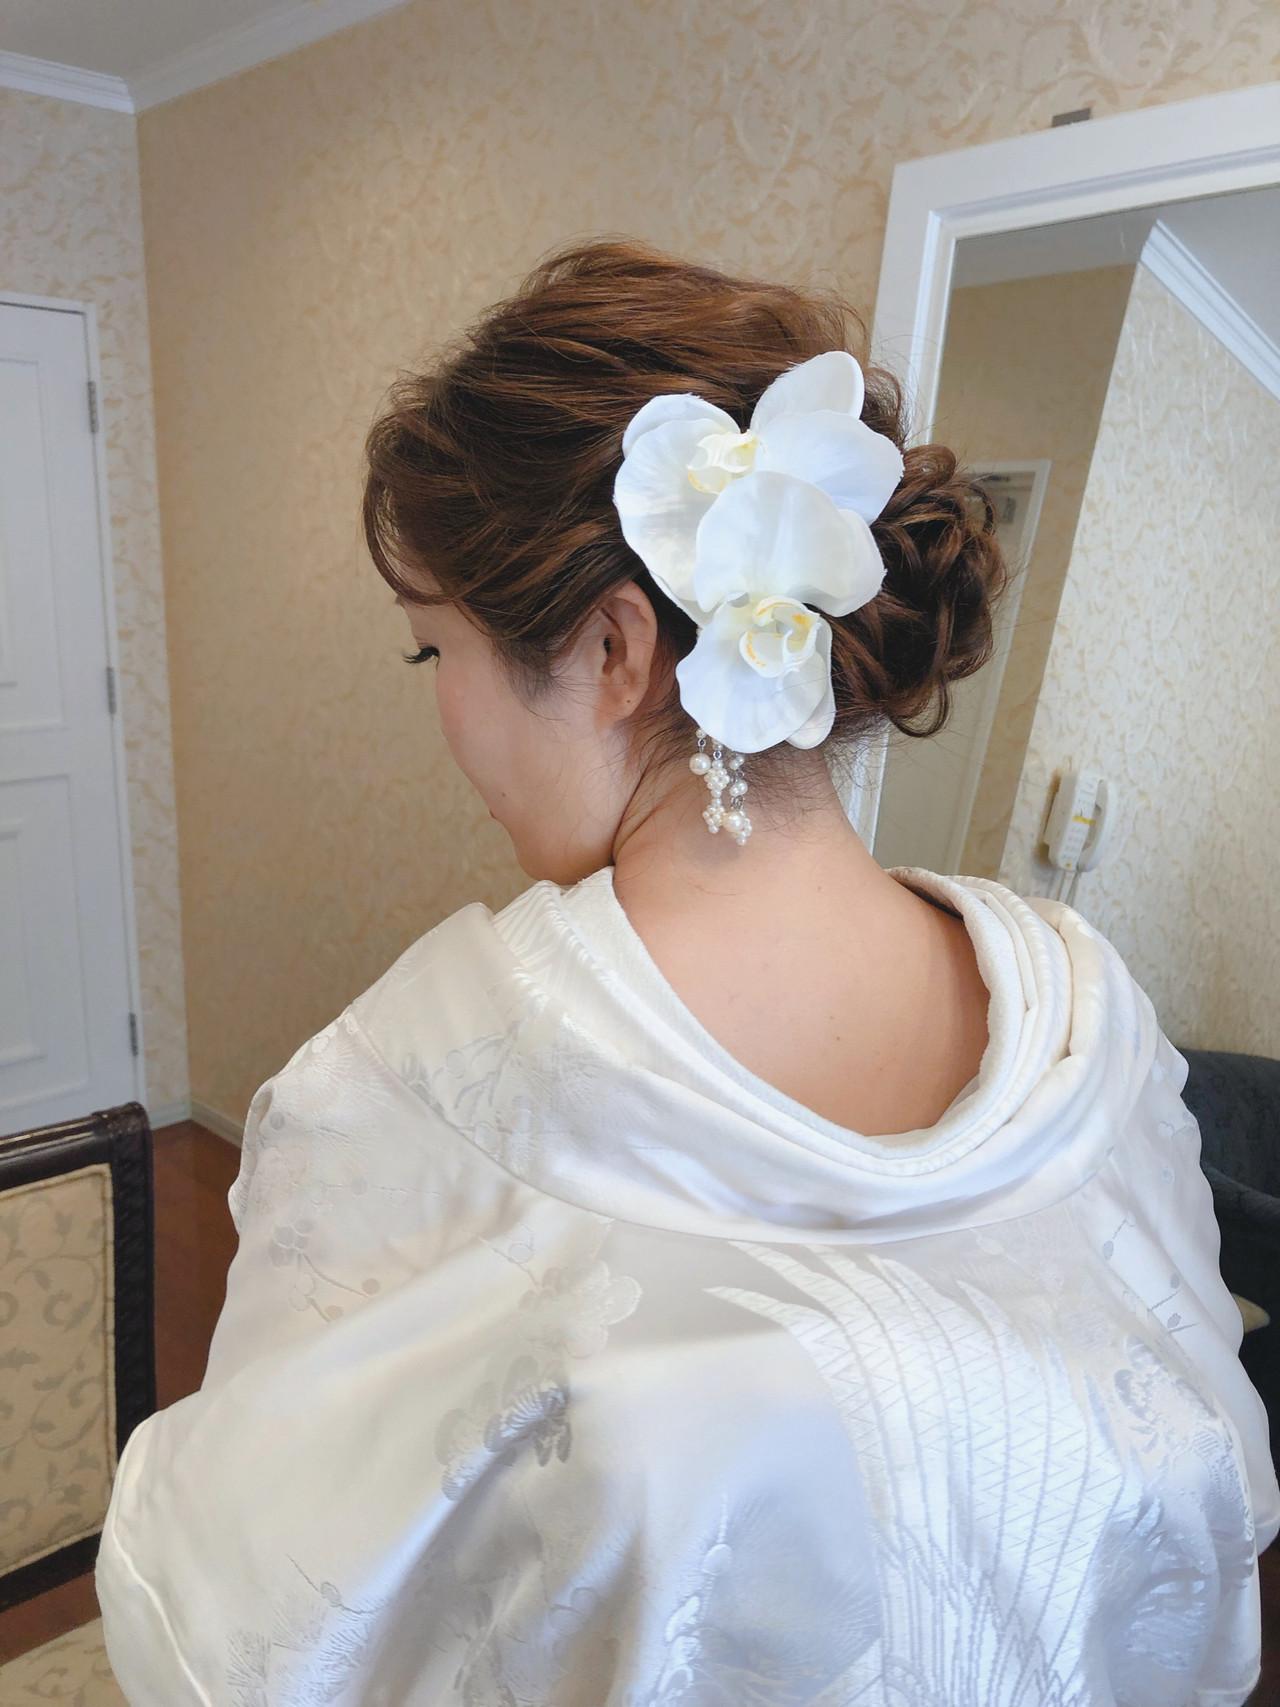 ブライダル 和装 ヘアセット フェミニン ヘアスタイルや髪型の写真・画像